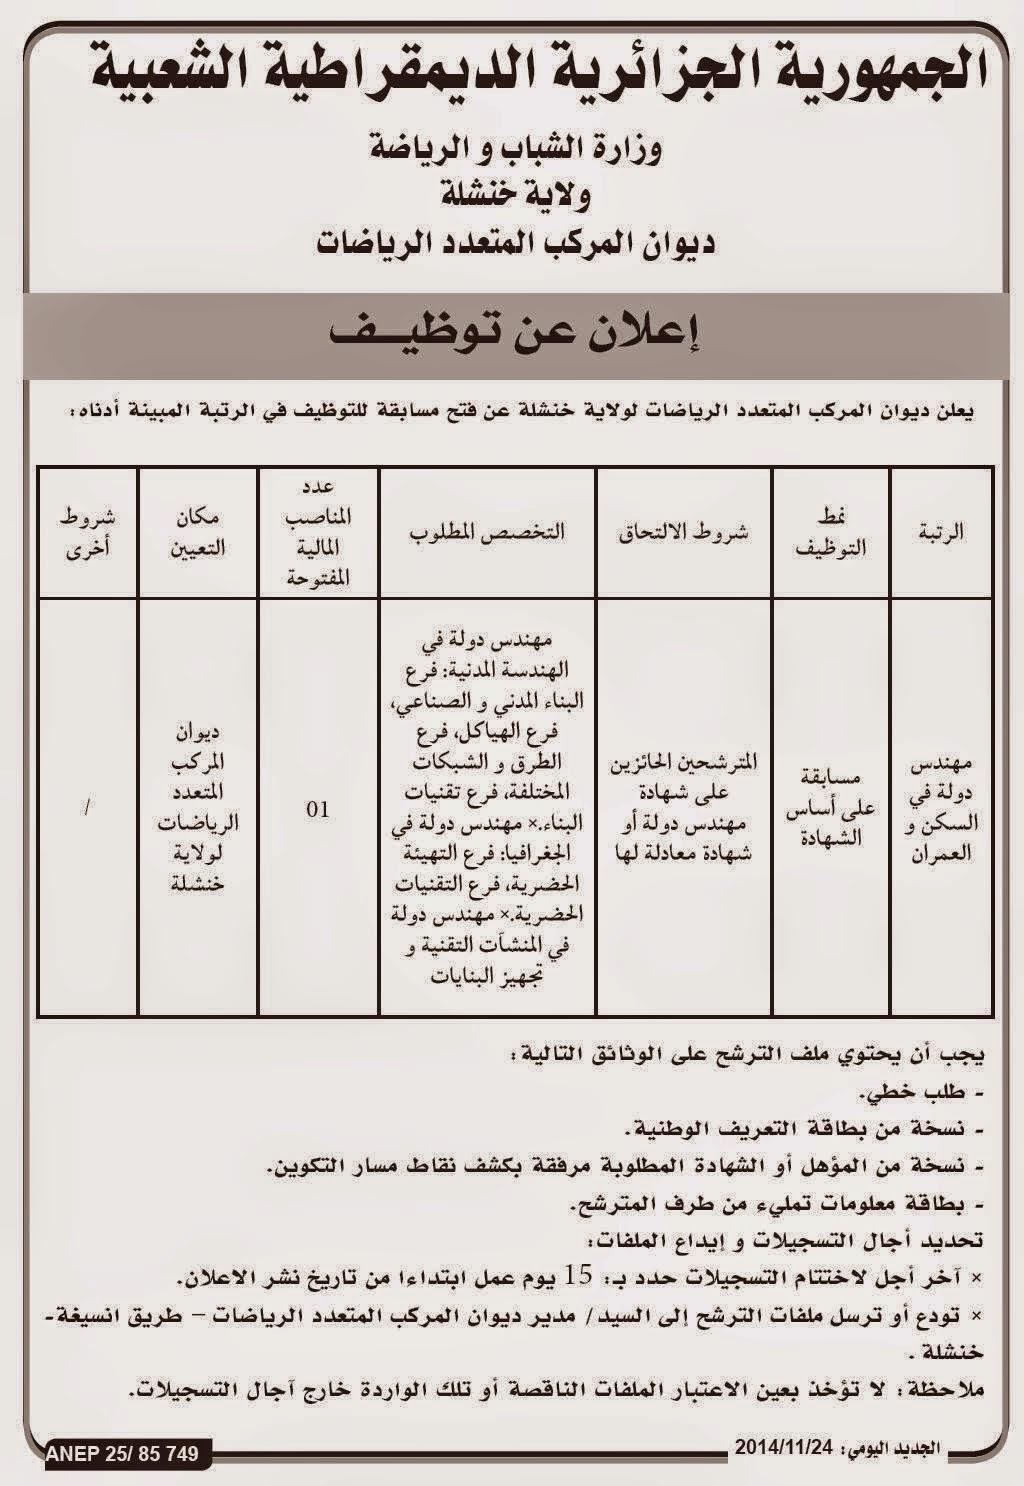 إعلان توظيف بديوان المركب المتعدد الرياضات ولاية خنشلة